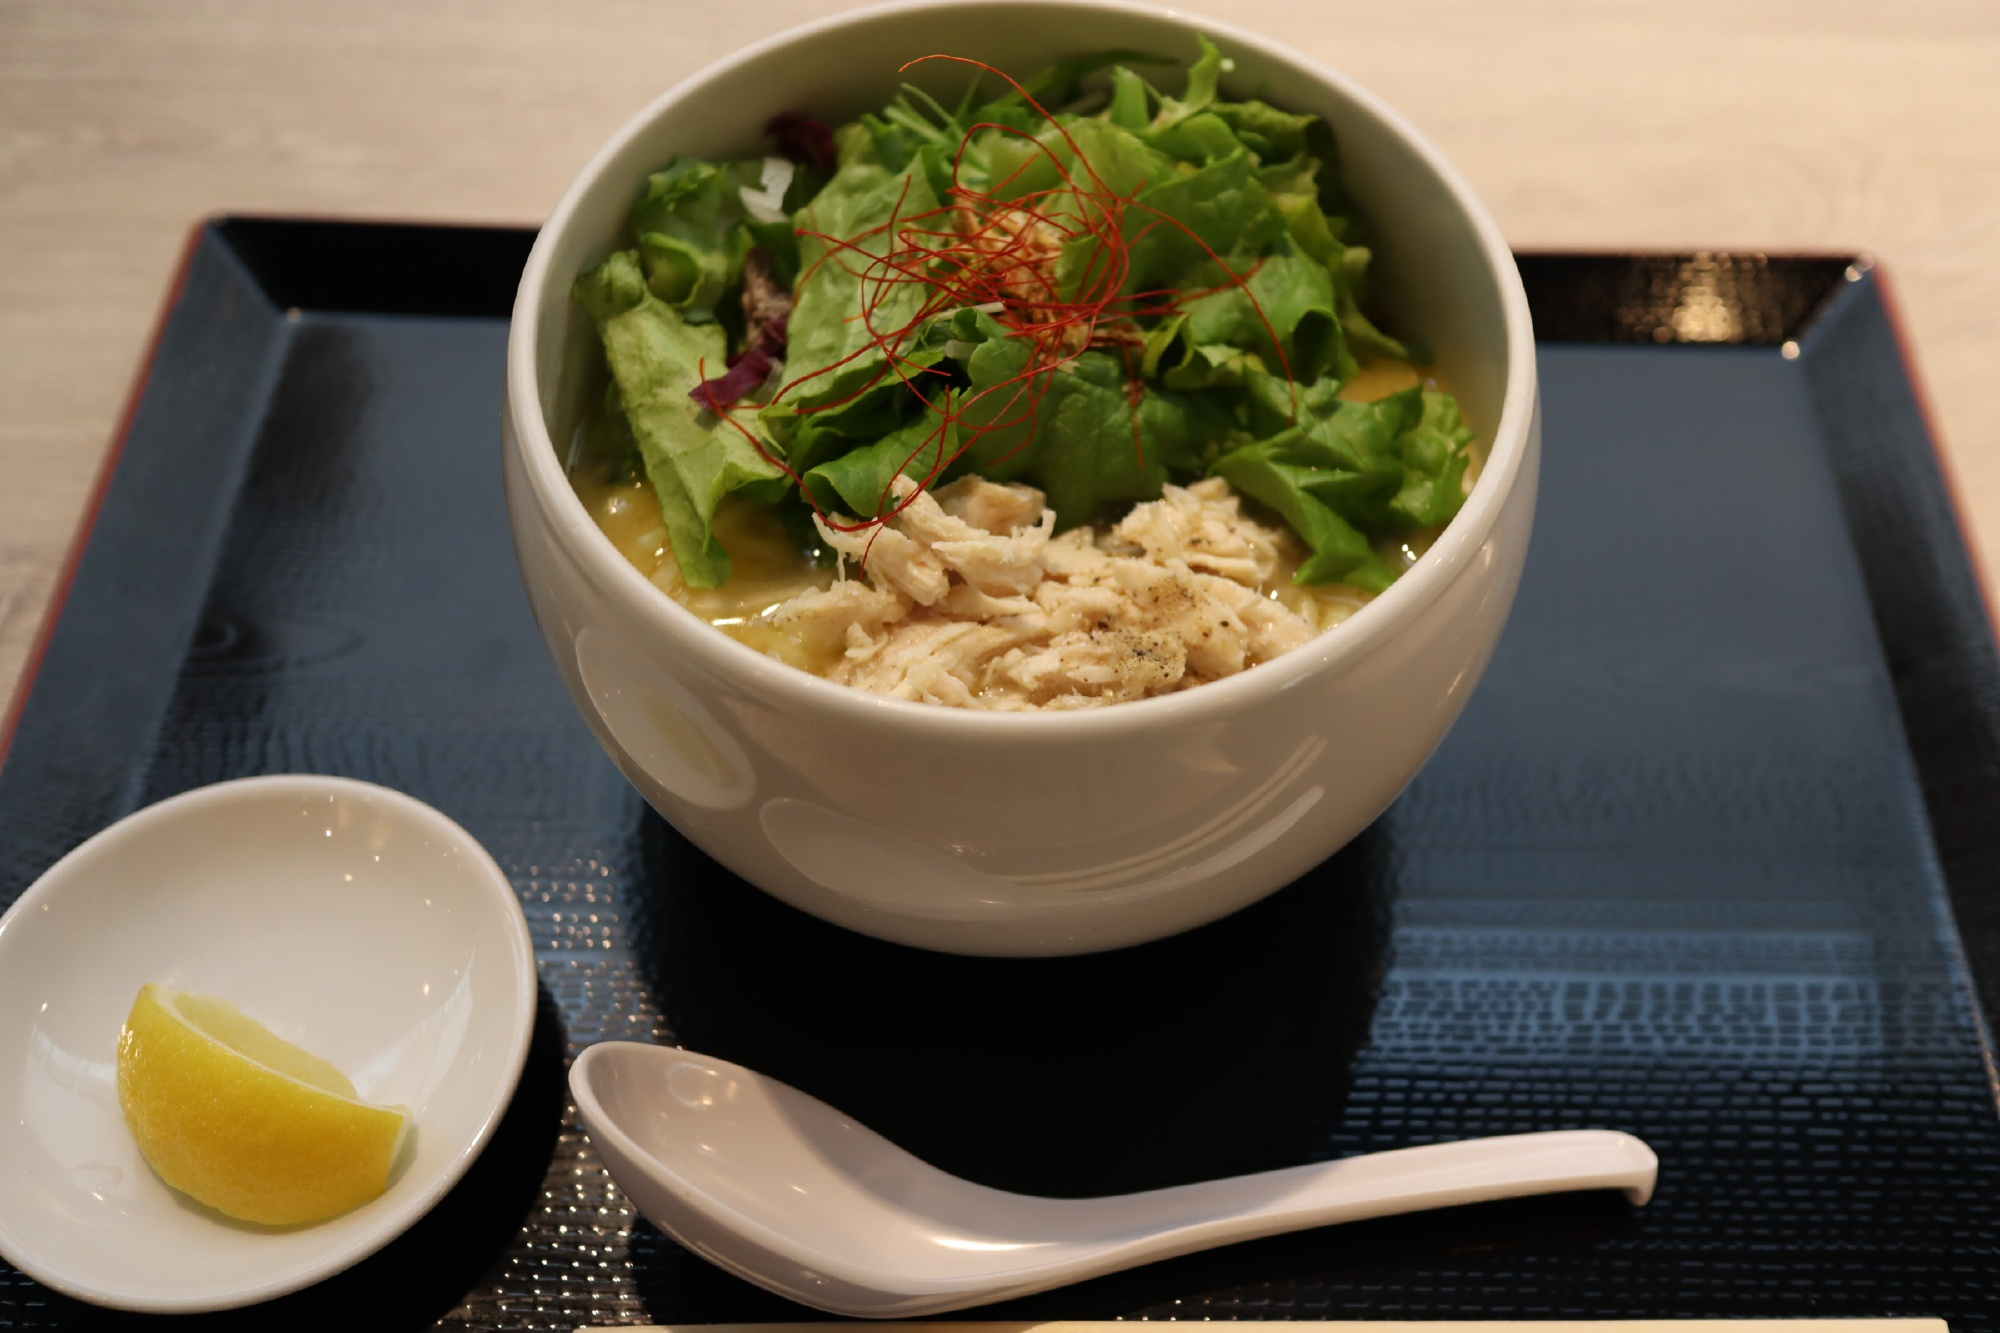 「鶏白湯という名のポタージュ系ラーメン」自由が丘蔭山樓 南町田店@東京都町田市